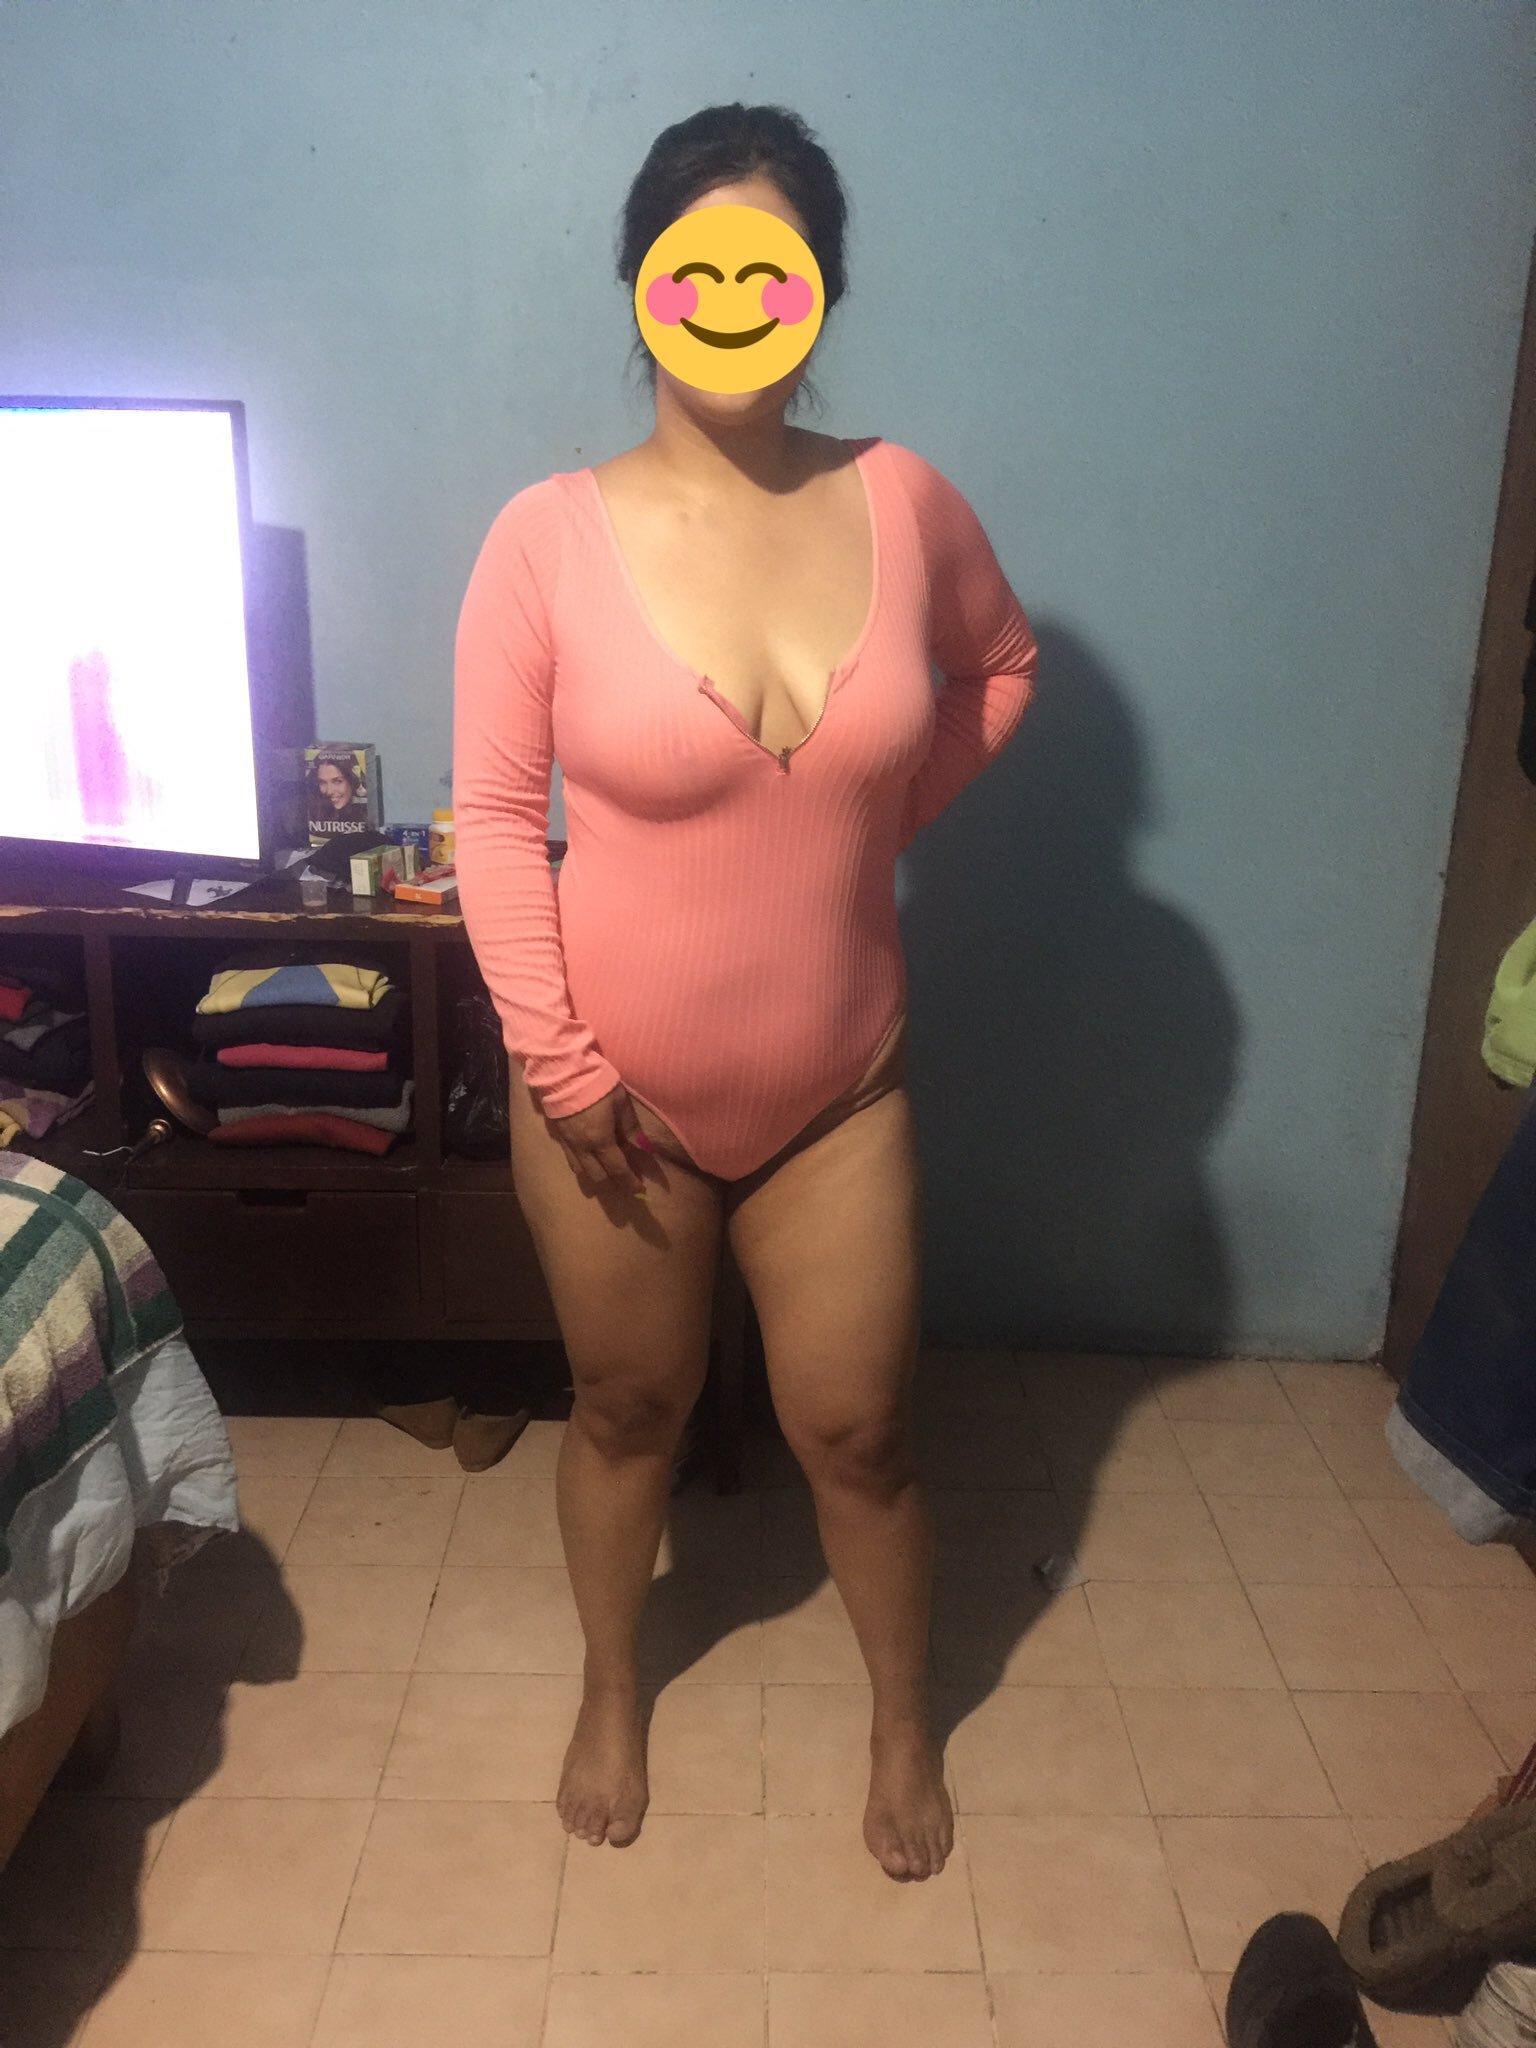 fotos amigas xxx, chicas desnudas, porno amigas